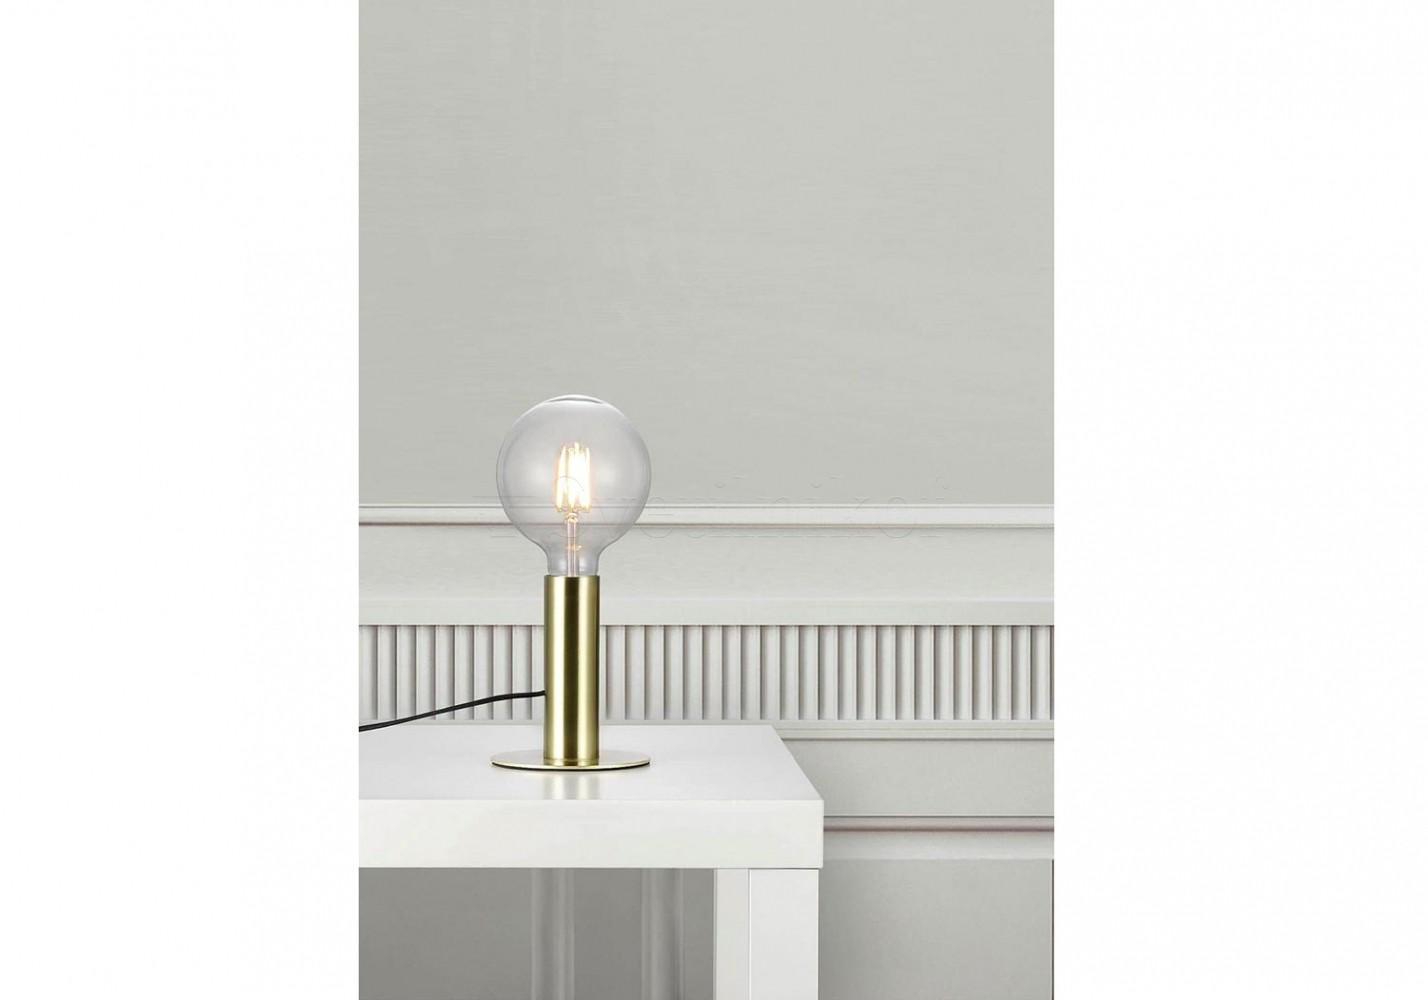 Настольная лампа Nordlux Dean 46605025 - 2